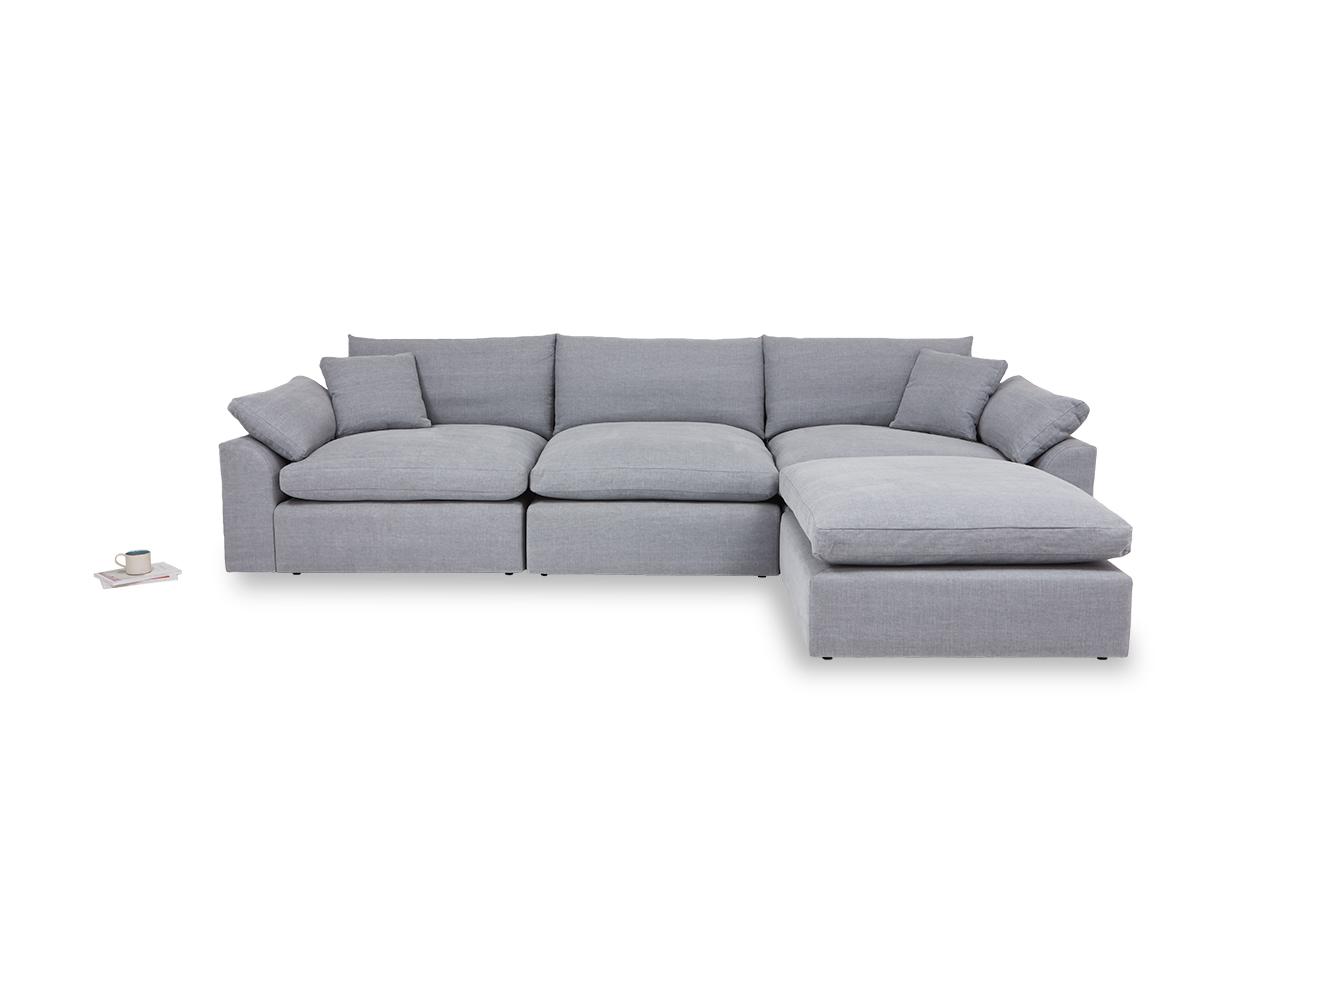 Cuddlemuffin Chaise Sofa | Chaise Sofa | Loaf